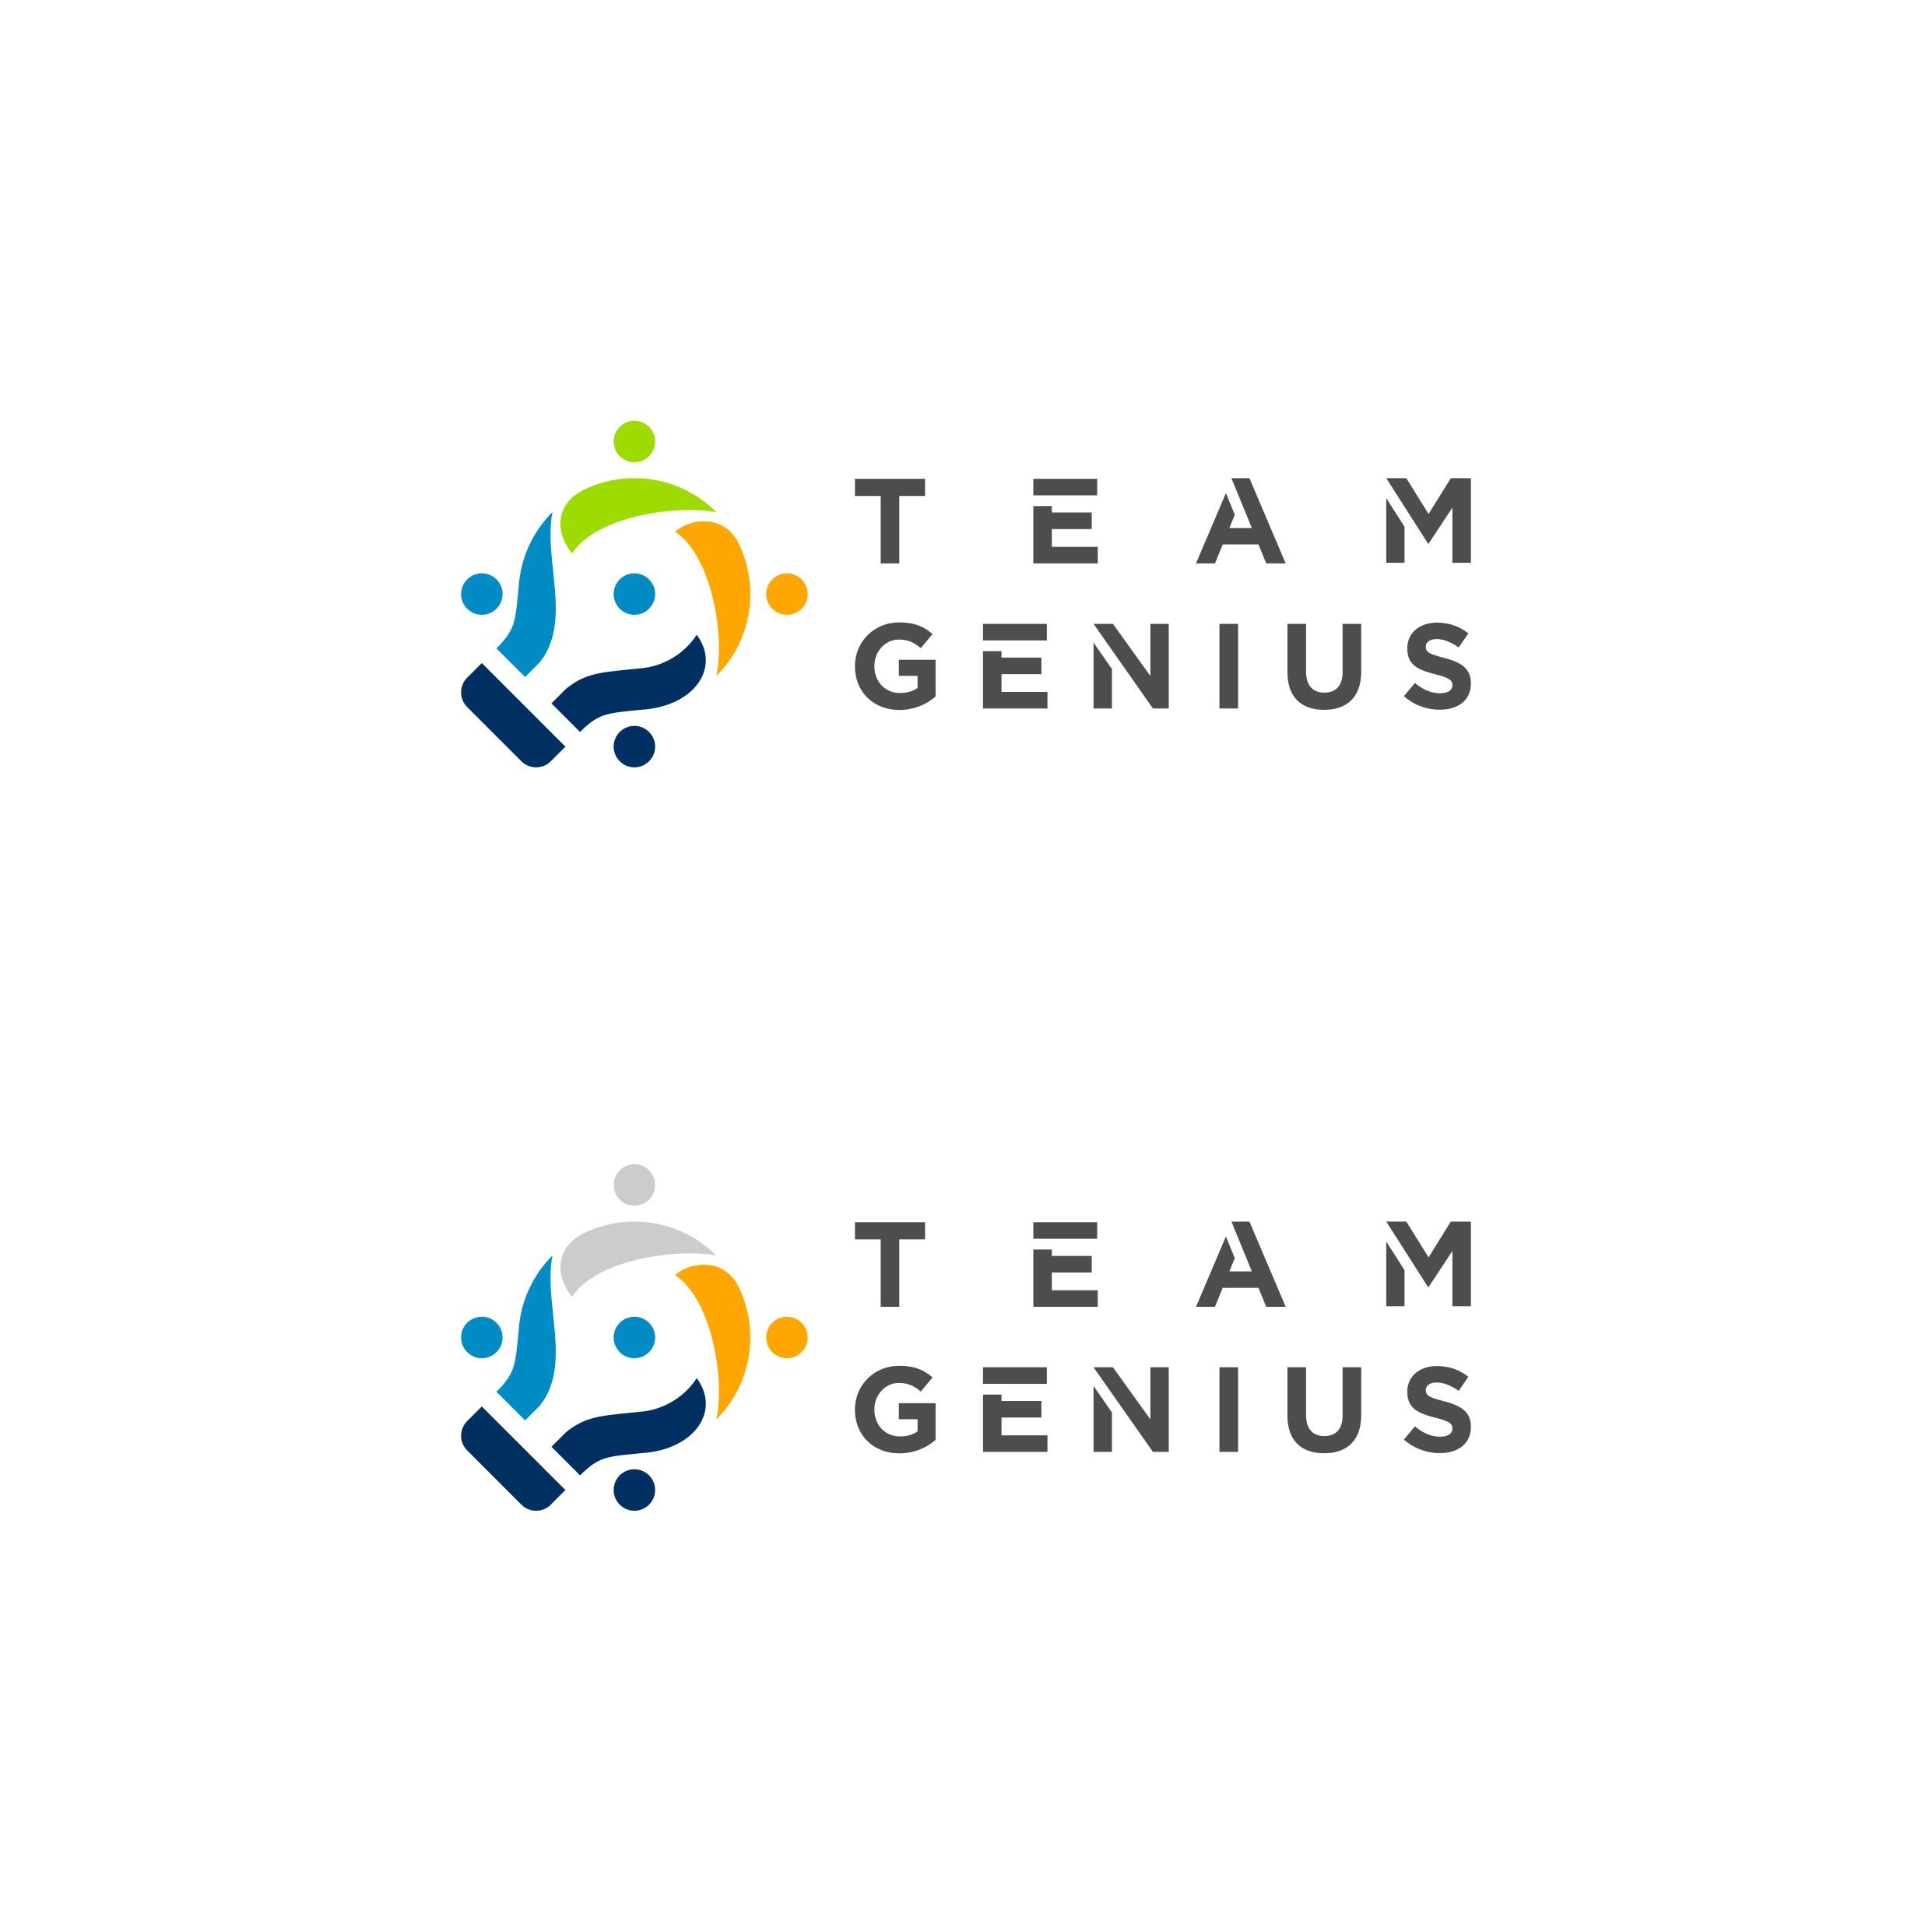 Team Genius Logo Design